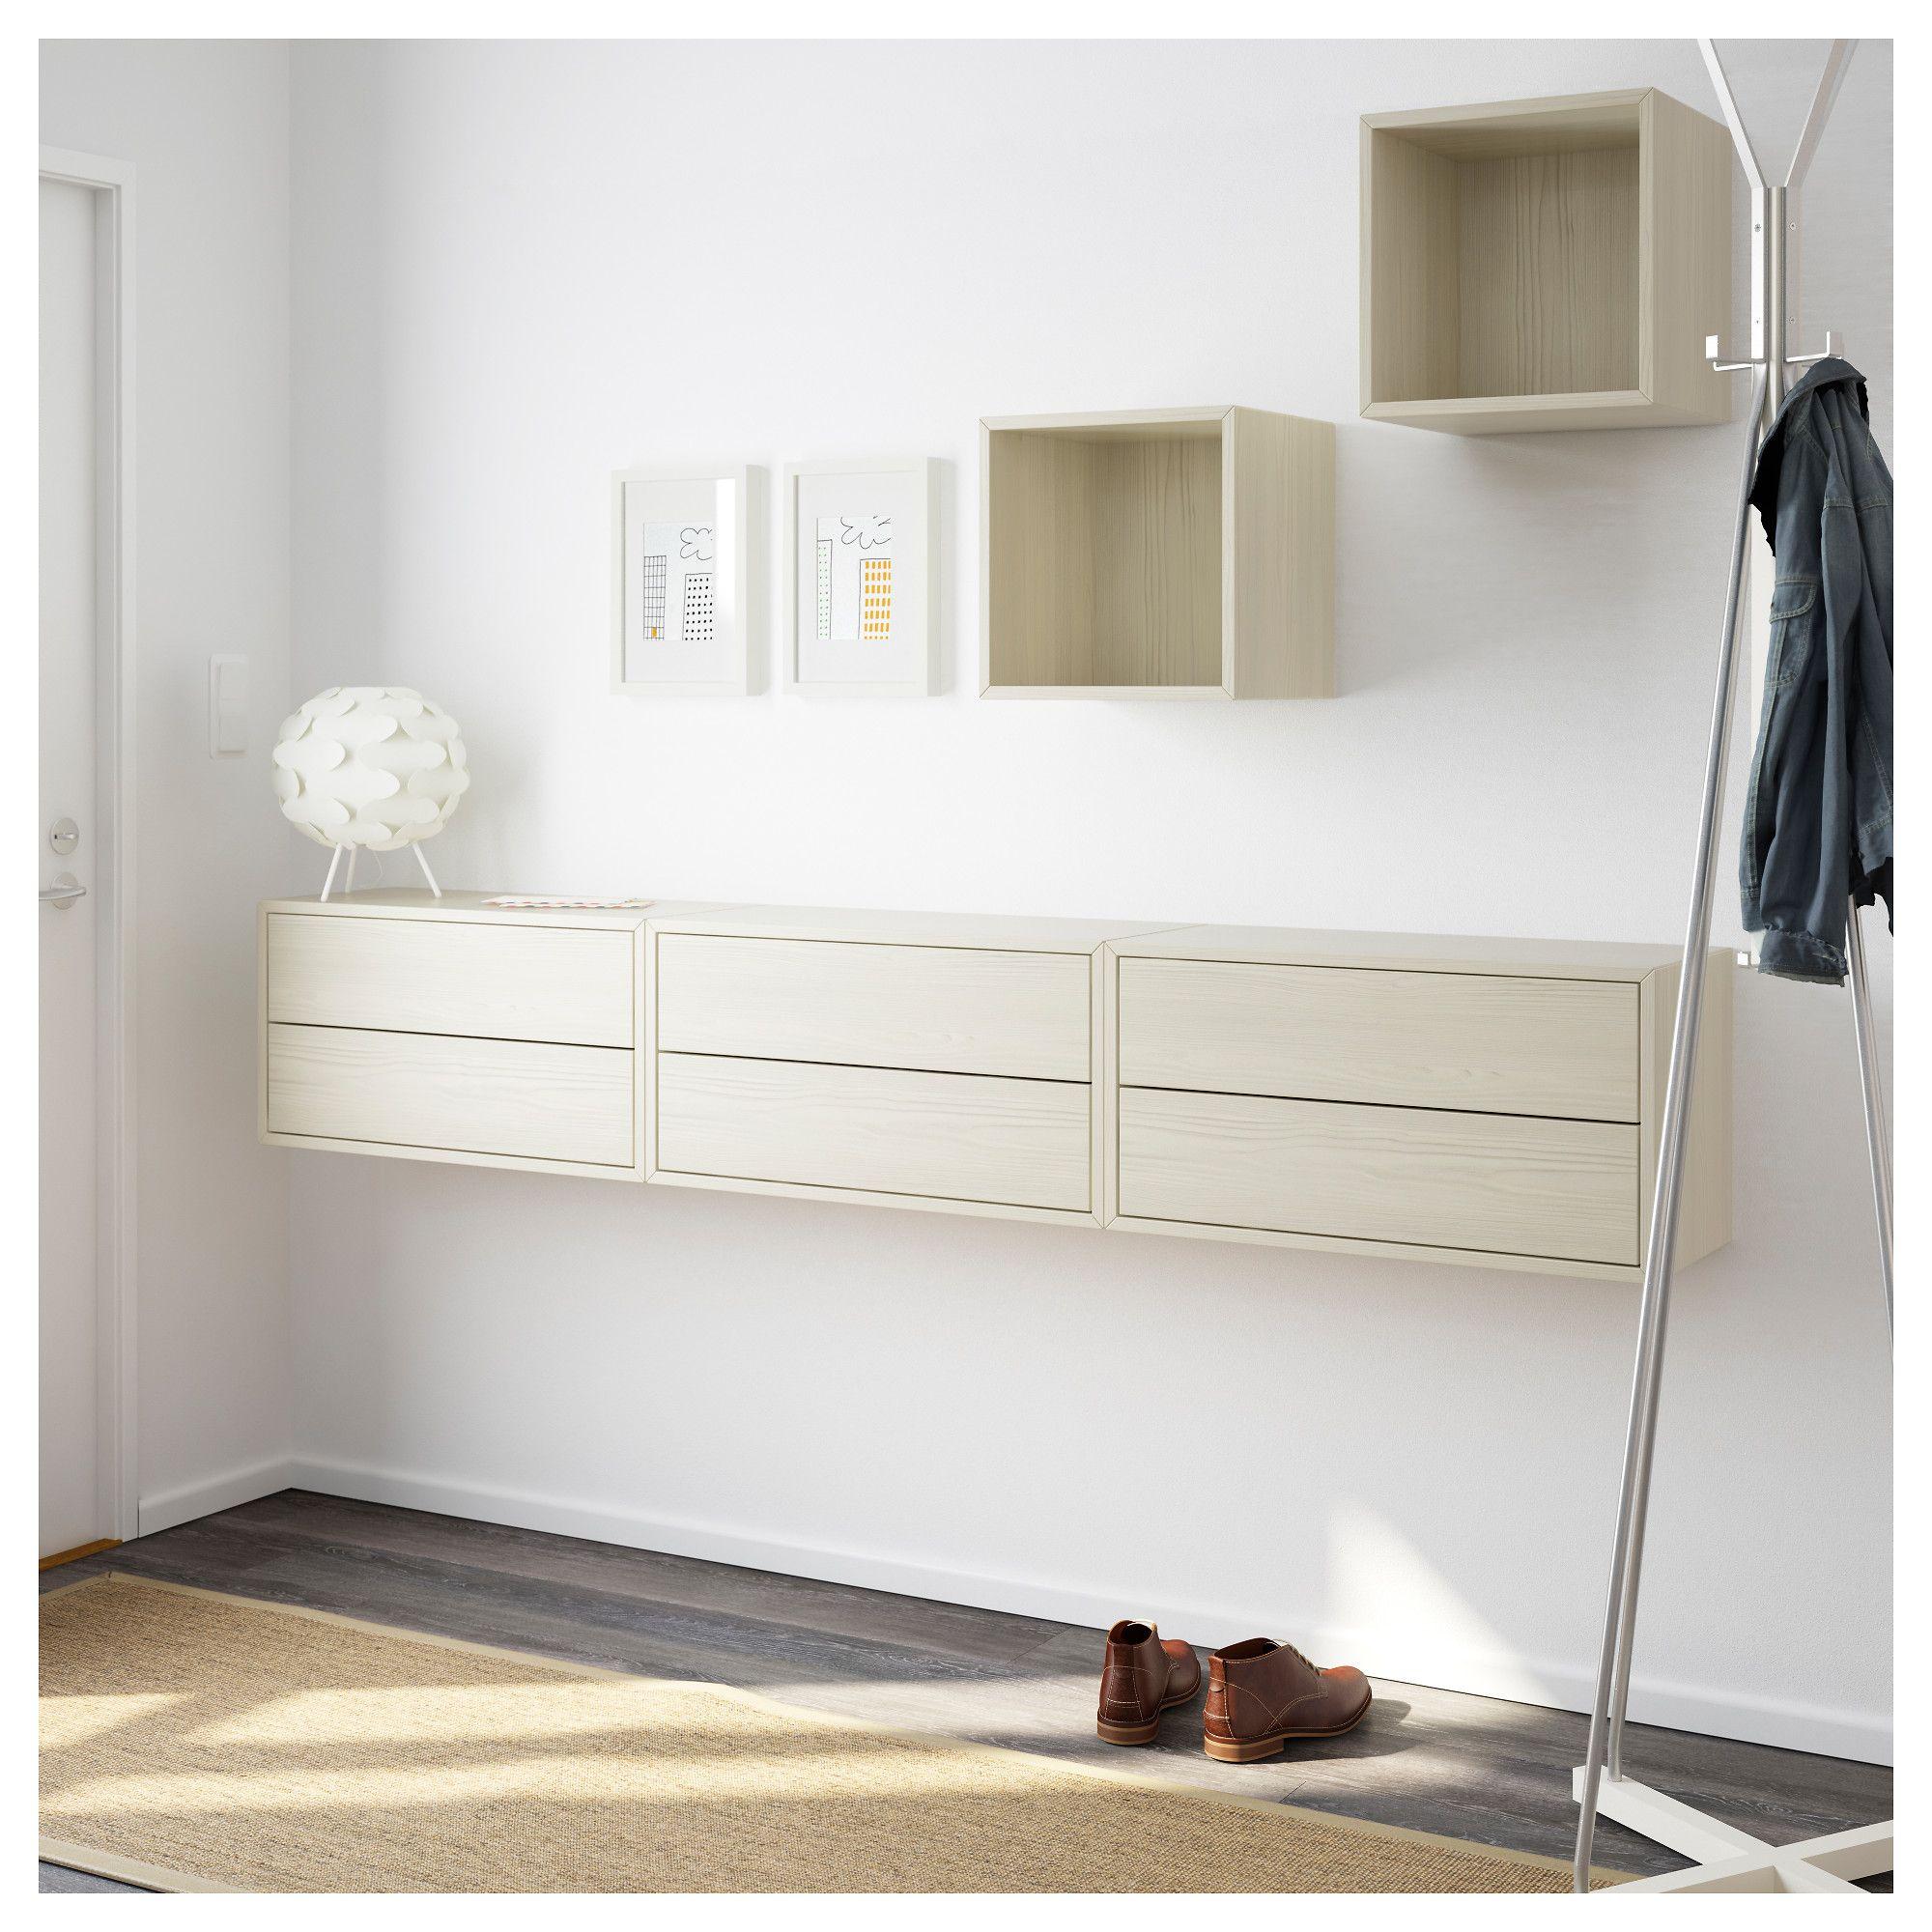 Shop For Furniture Home Accessories More I 2020 Hem Inredning